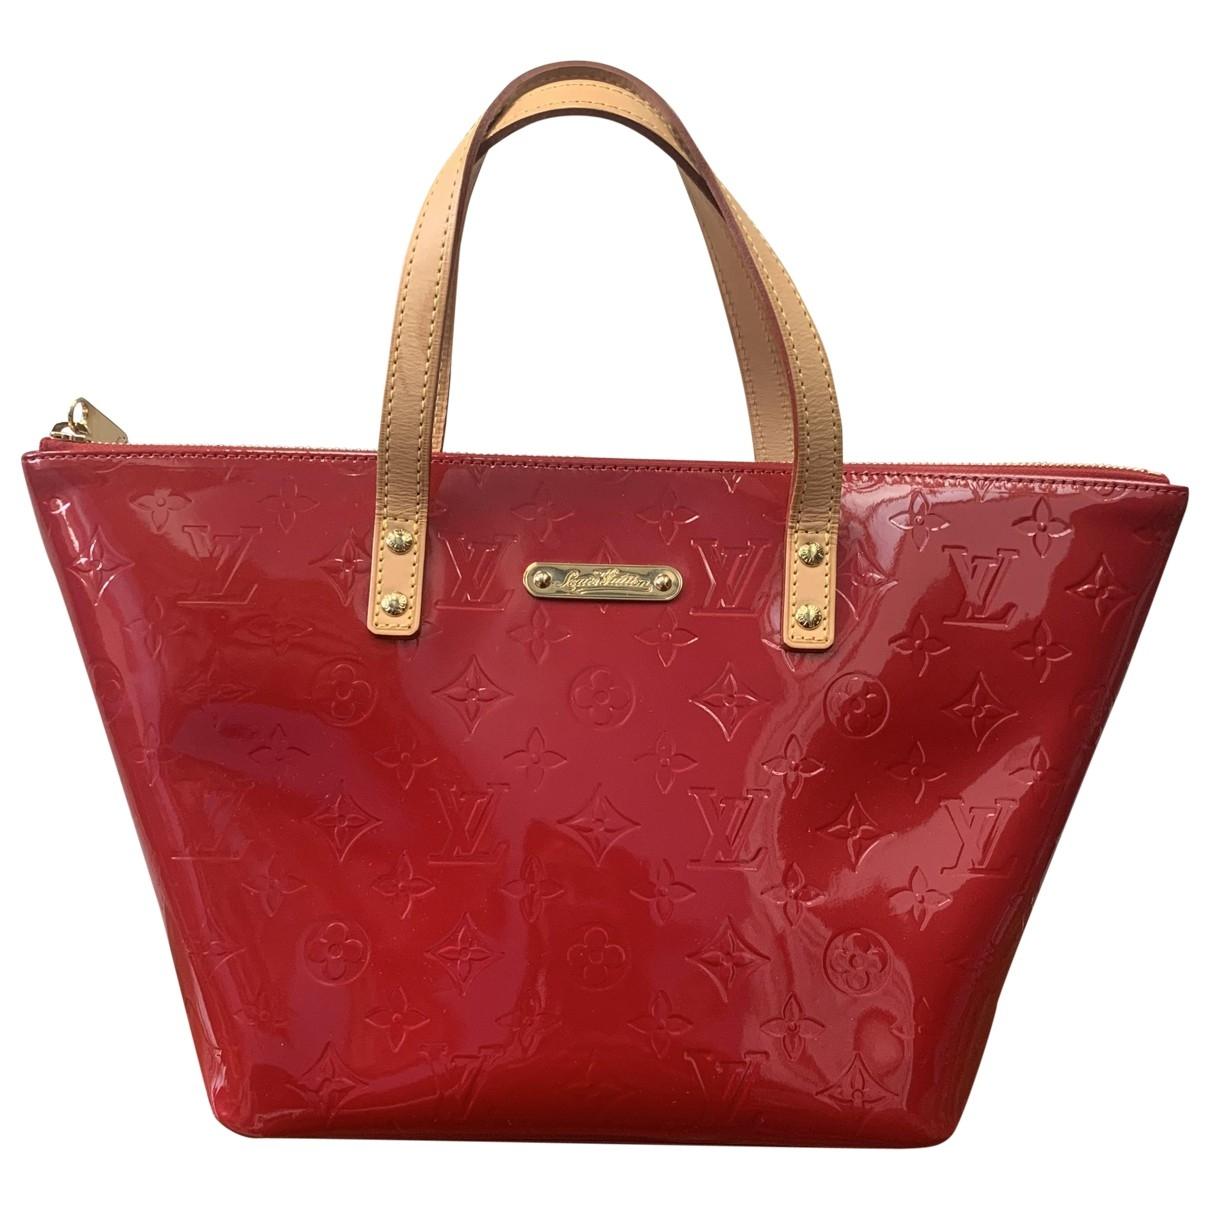 Louis Vuitton - Sac a main Bellevue pour femme en cuir verni - rouge